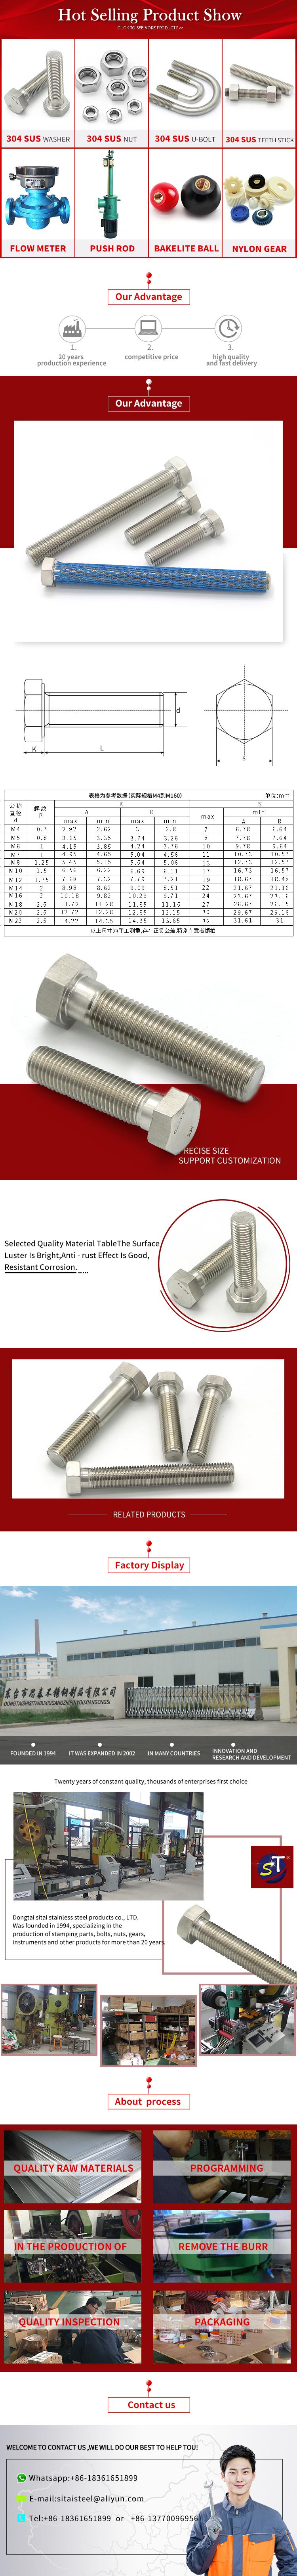 Di alta precisione ad Alta resistenza di Vendita Calda In acciaio inox a Testa Piatta rivetti solidi